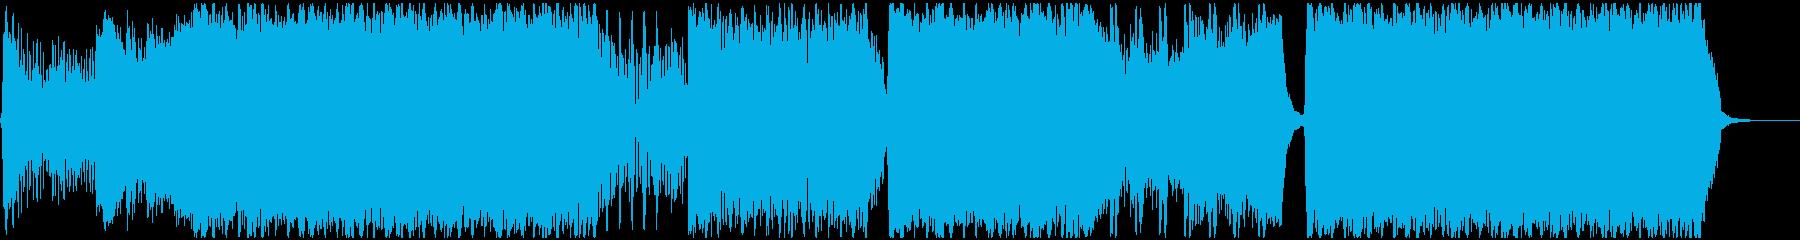 ストリングスが際立つ高揚感のあるサウンドの再生済みの波形